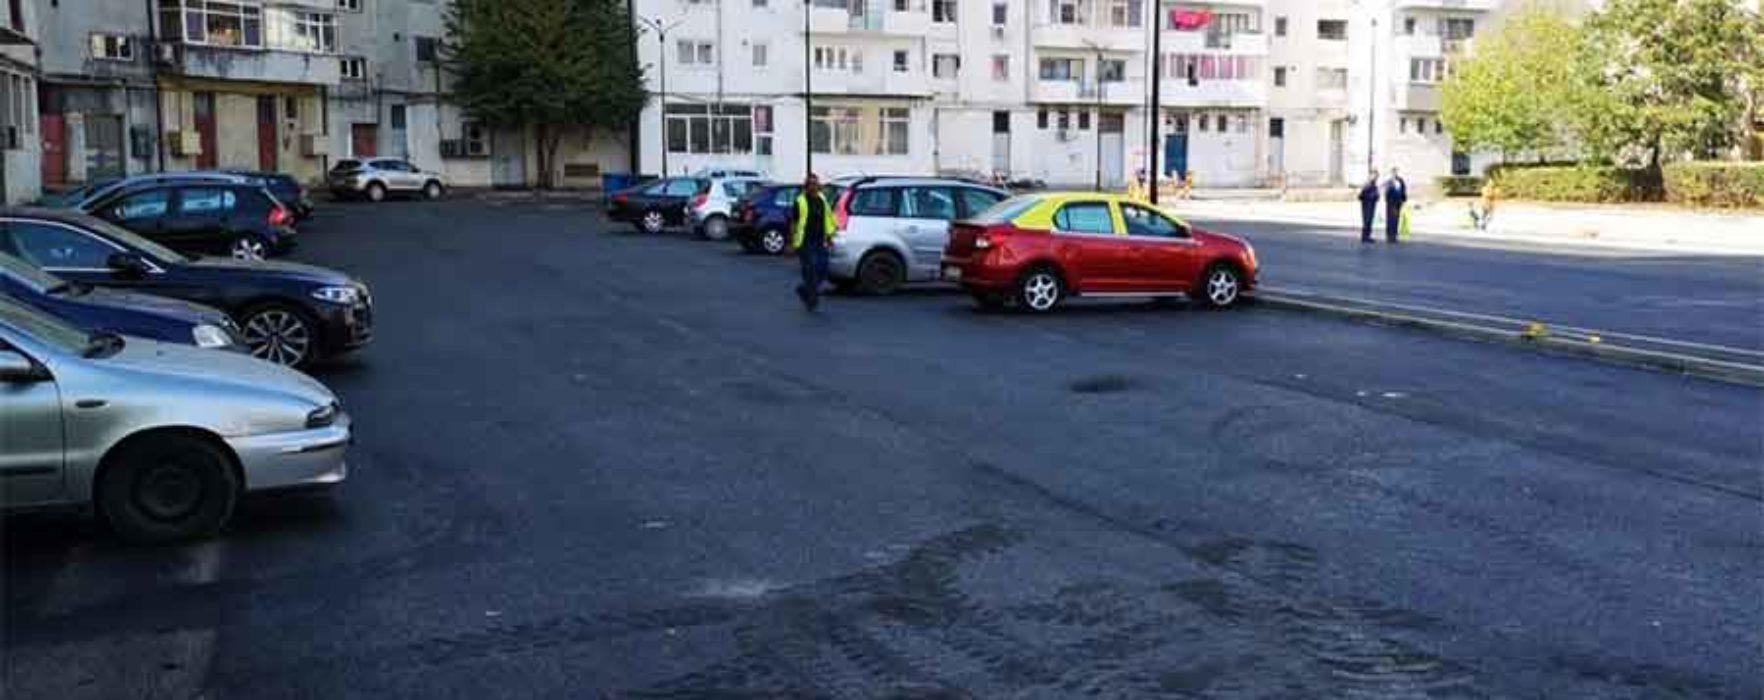 Târgovişte: 200 de locuri noi de parcare în micro 3